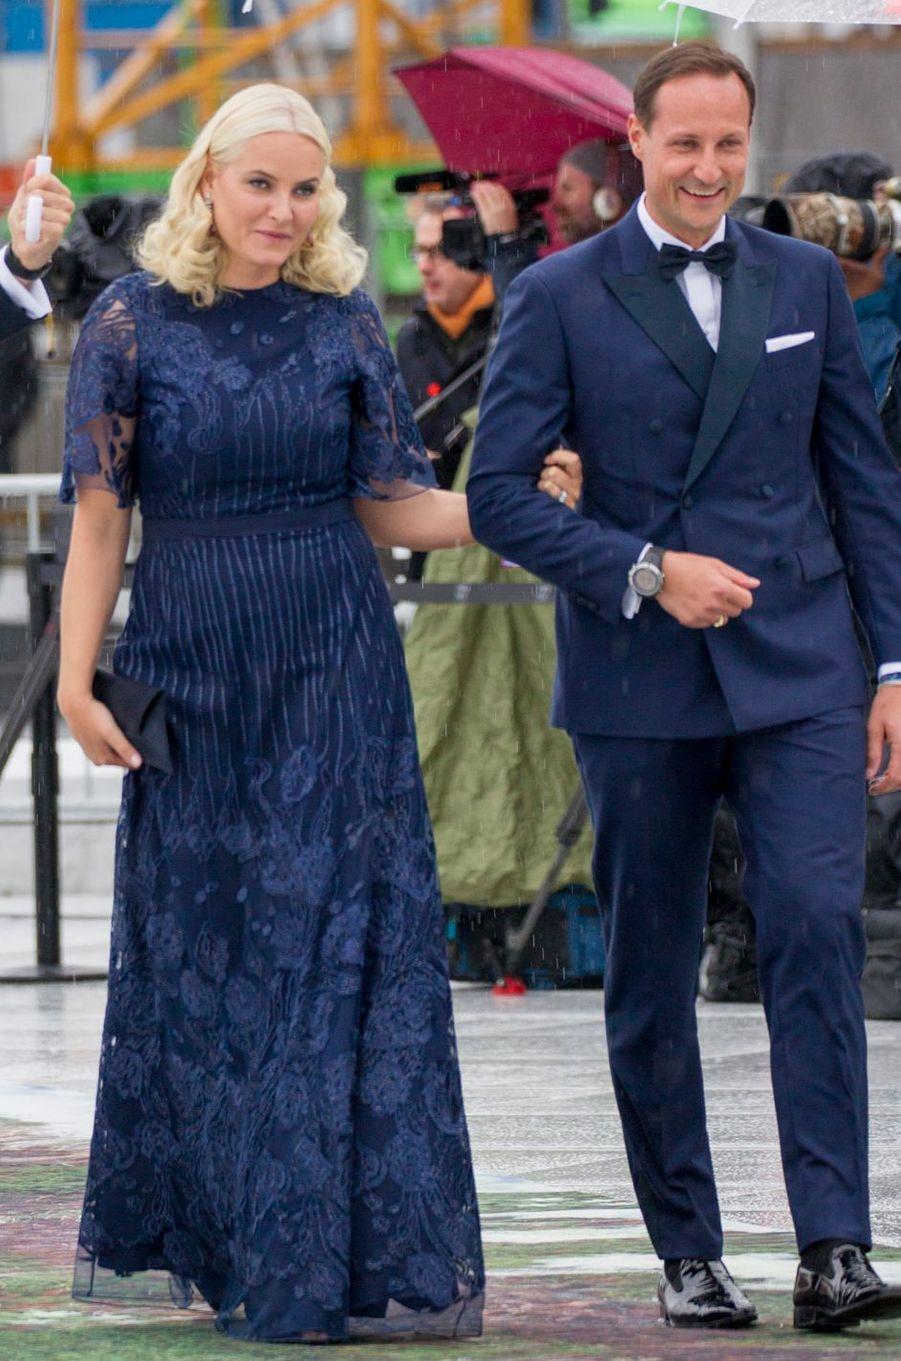 La princesse Mette-Marit de Norvège à Oslo le 10 mai 2017